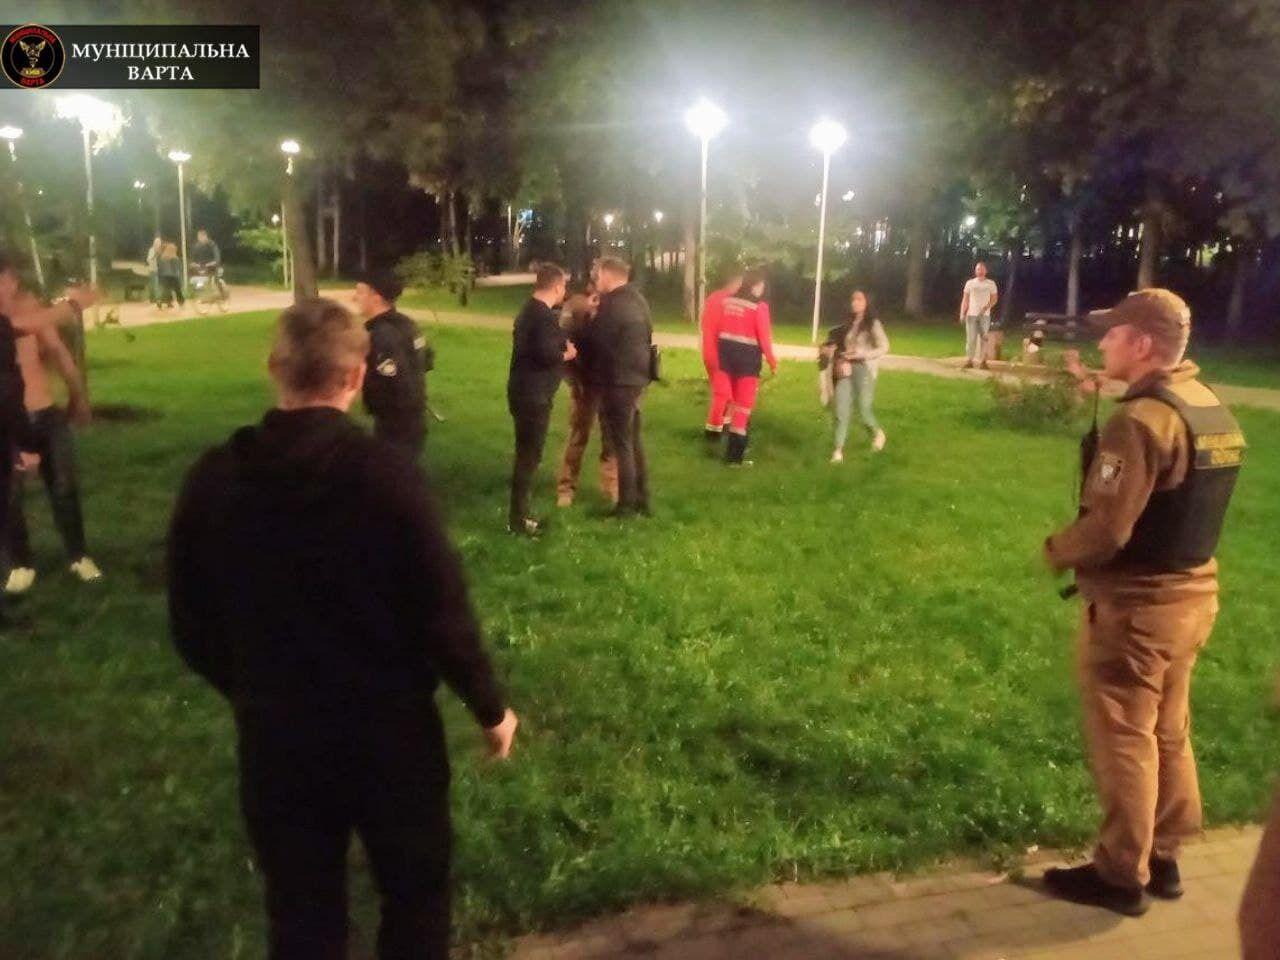 Двух участников драки задержали и передали полиции.